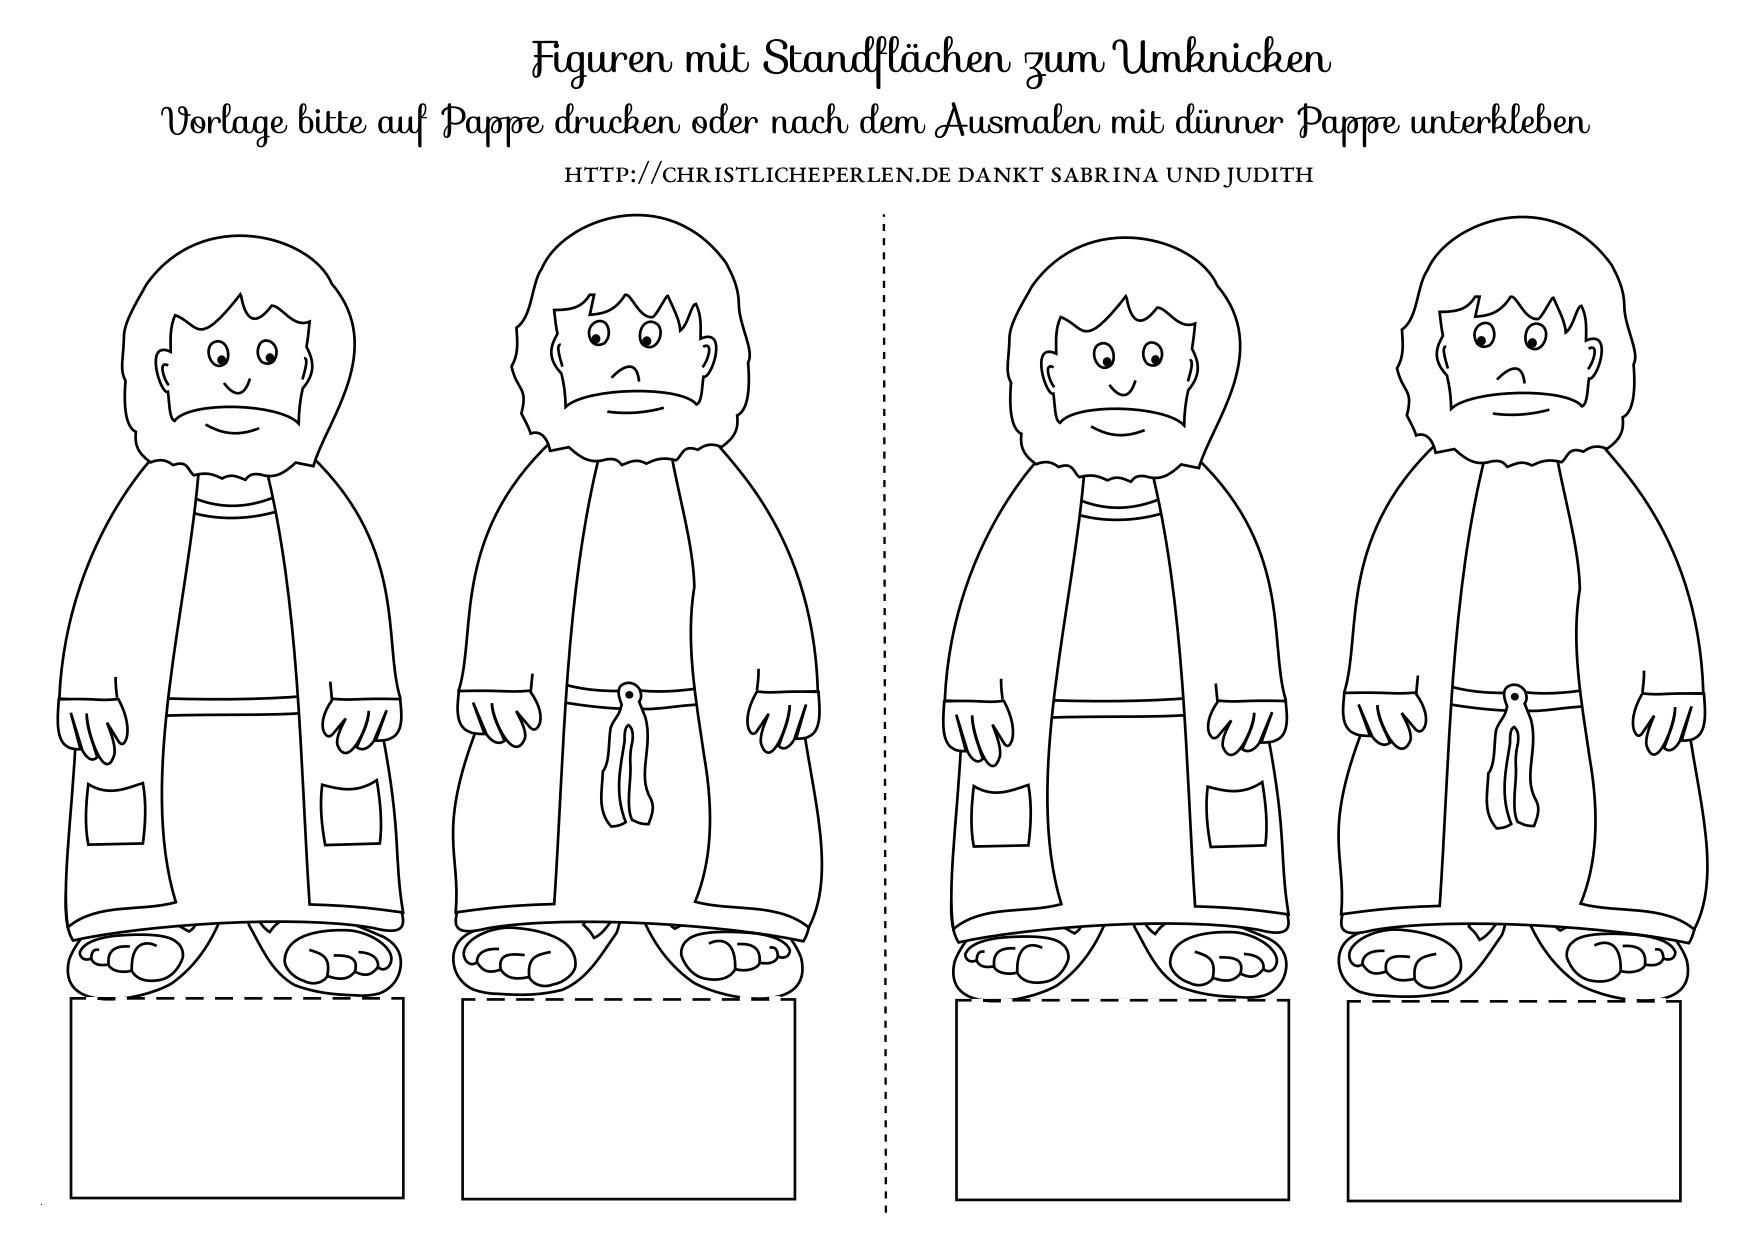 Jakob Und Esau Ausmalbilder Einzigartig Jakob Und Esau Ausmalbilder Schön Von Saulus Zu Paulus Und Seine Fotografieren